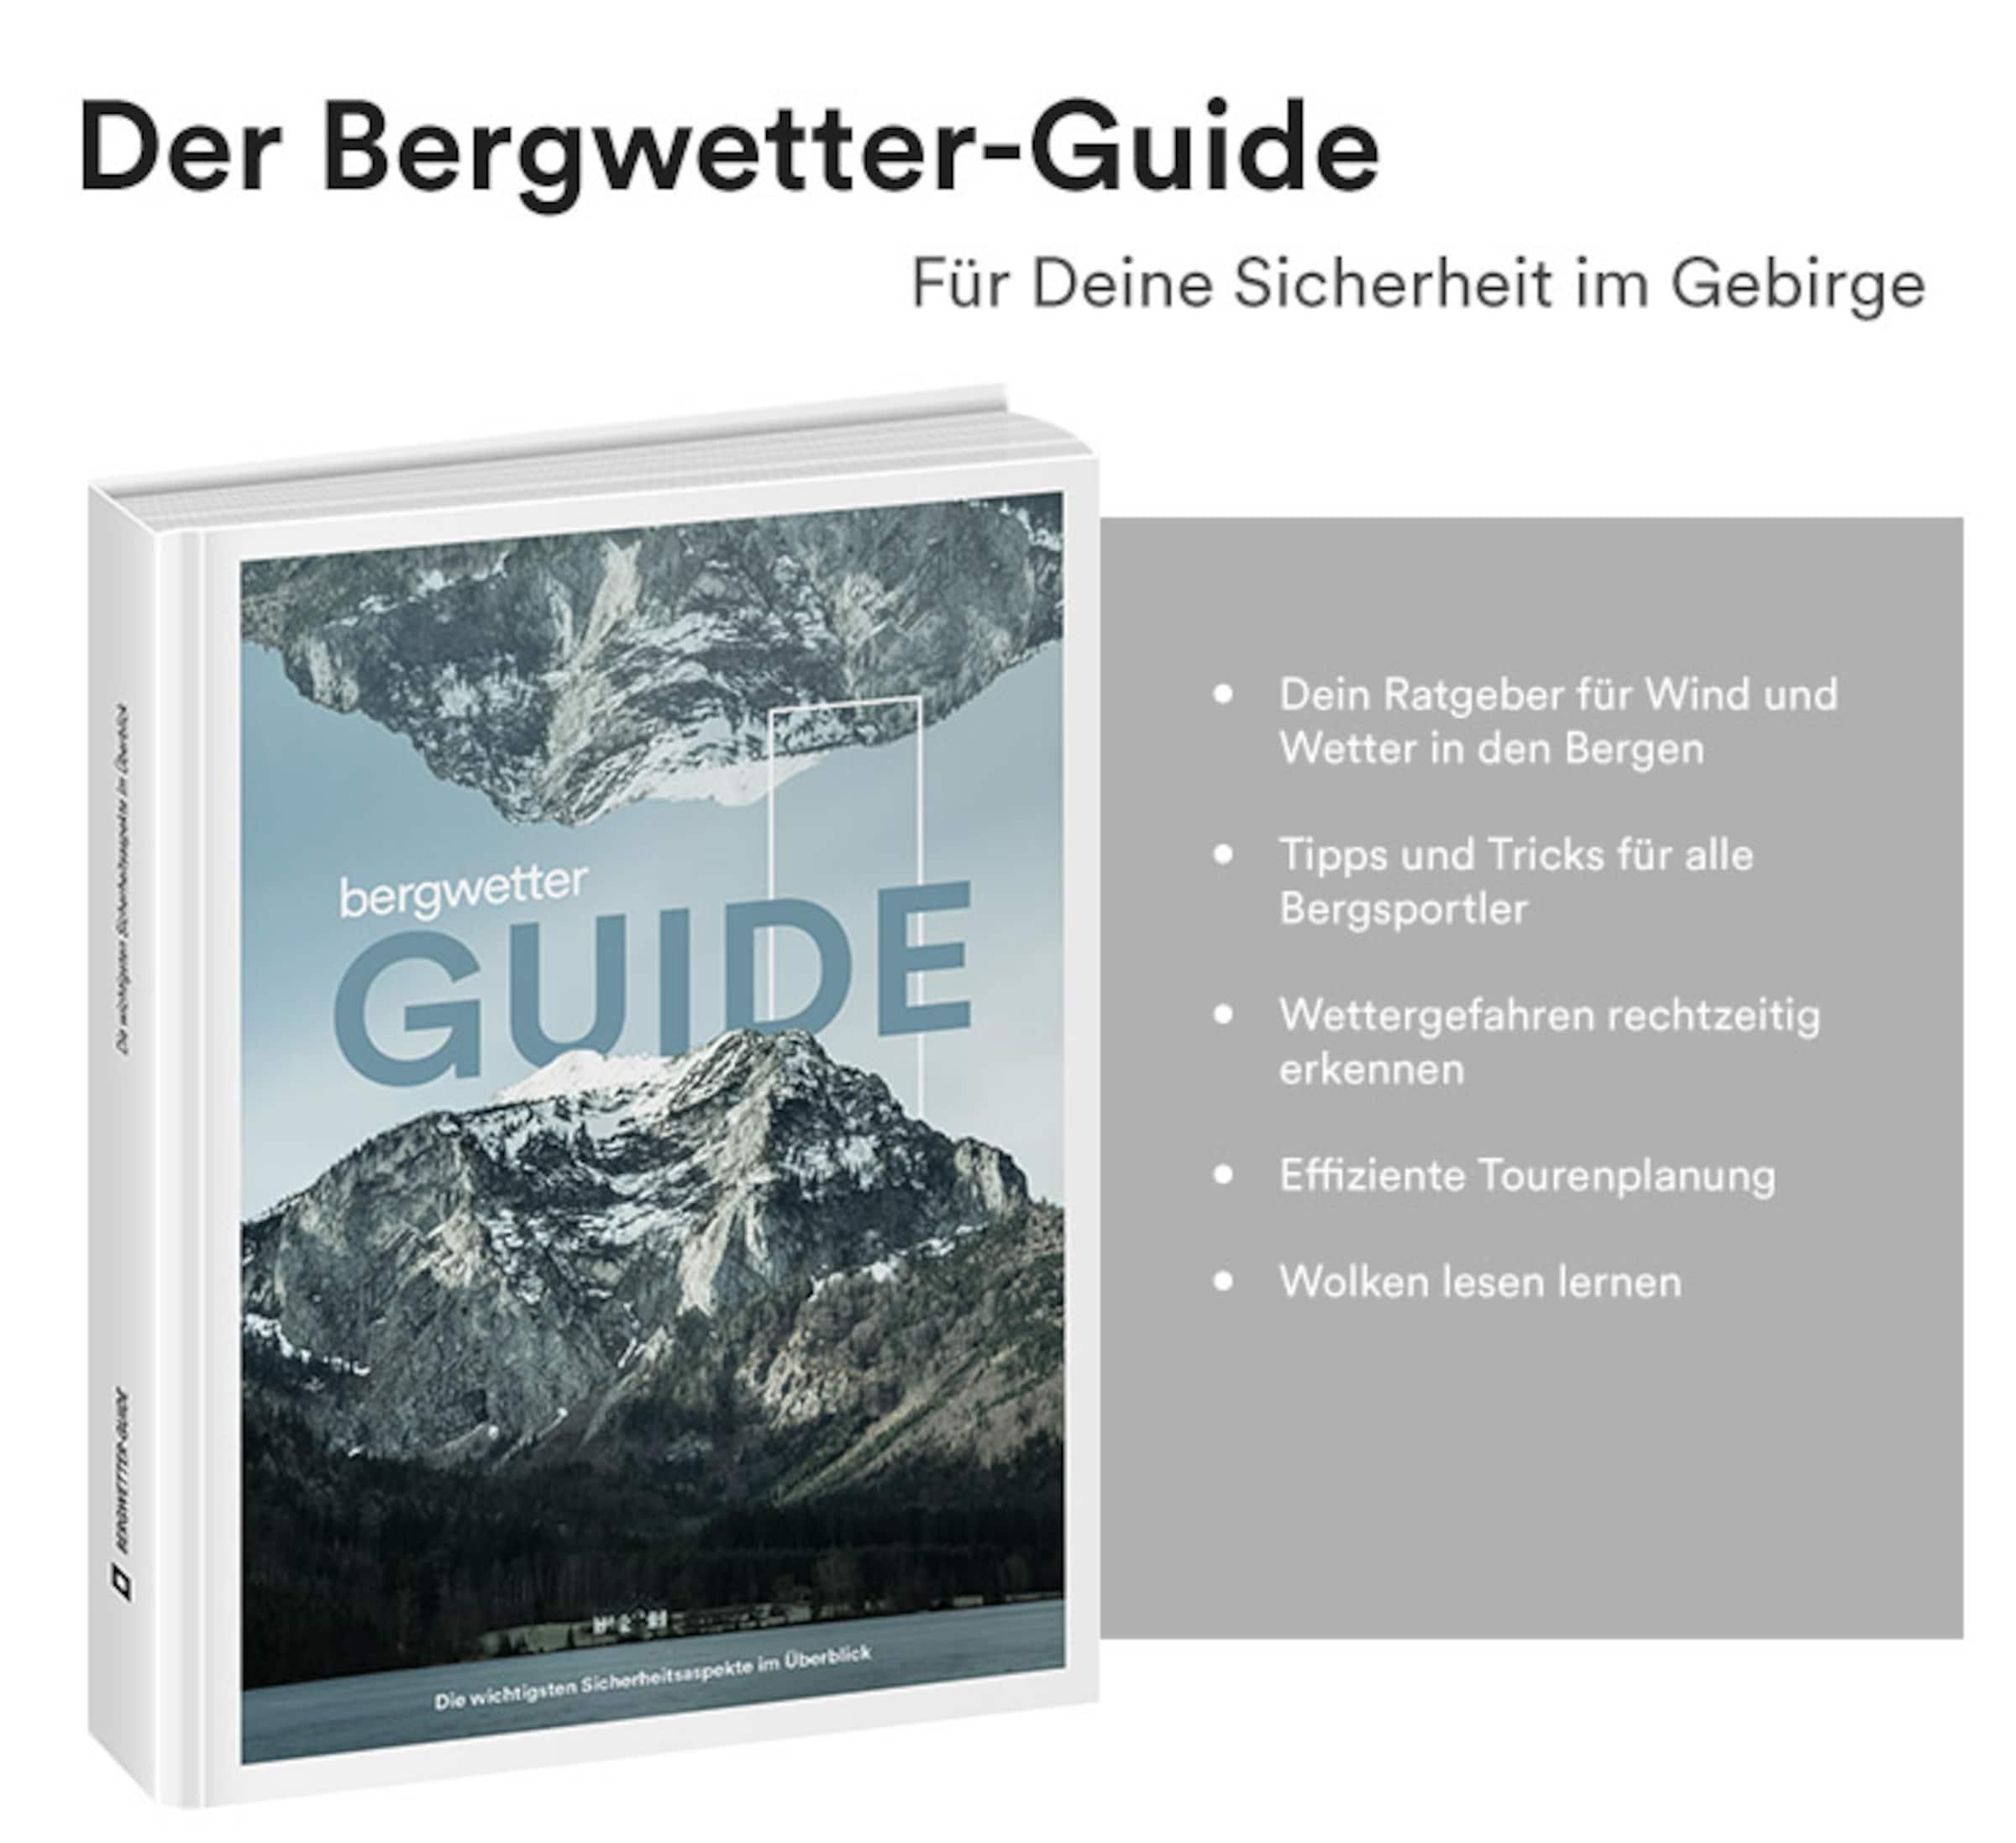 Der Bergwetter-Guide - Für Deine Sicherheit im Gebirge